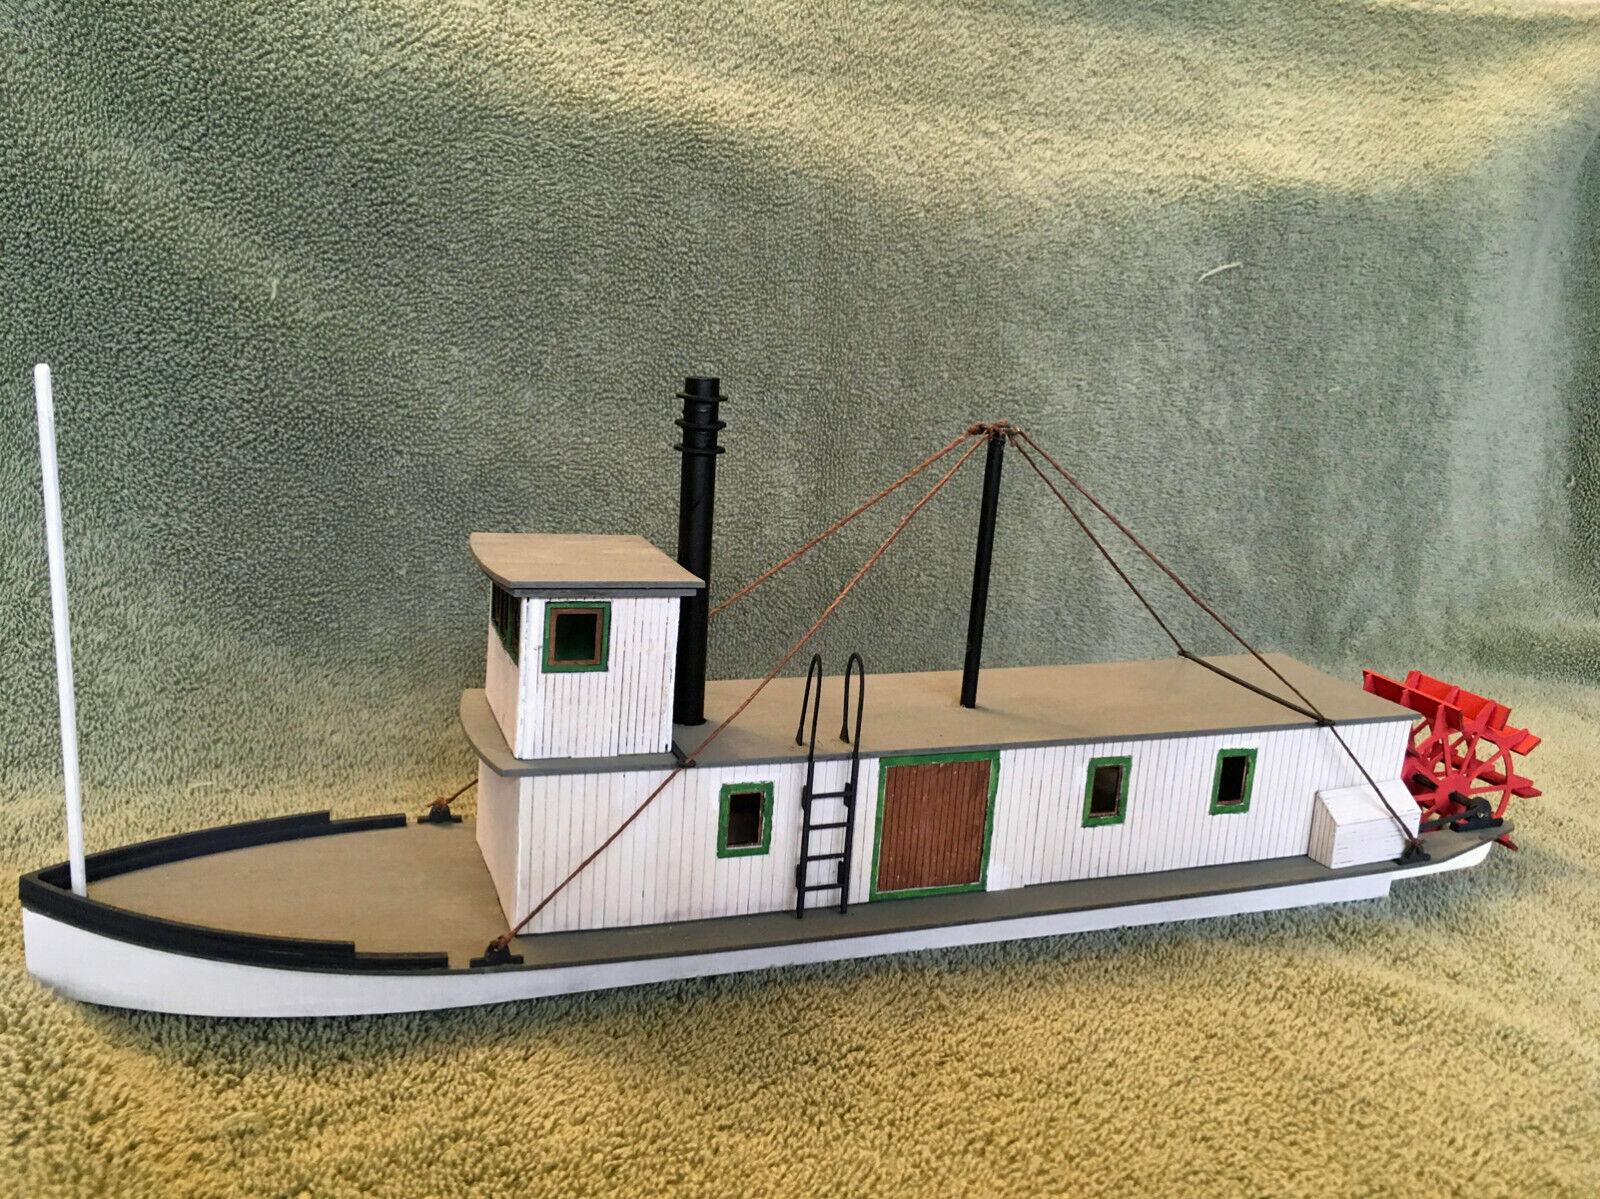 MAD River Pagaia RUOTE barca o On30 linea di gtuttieggiamento Scafo Nave unptd kit di legno LASER dfmr